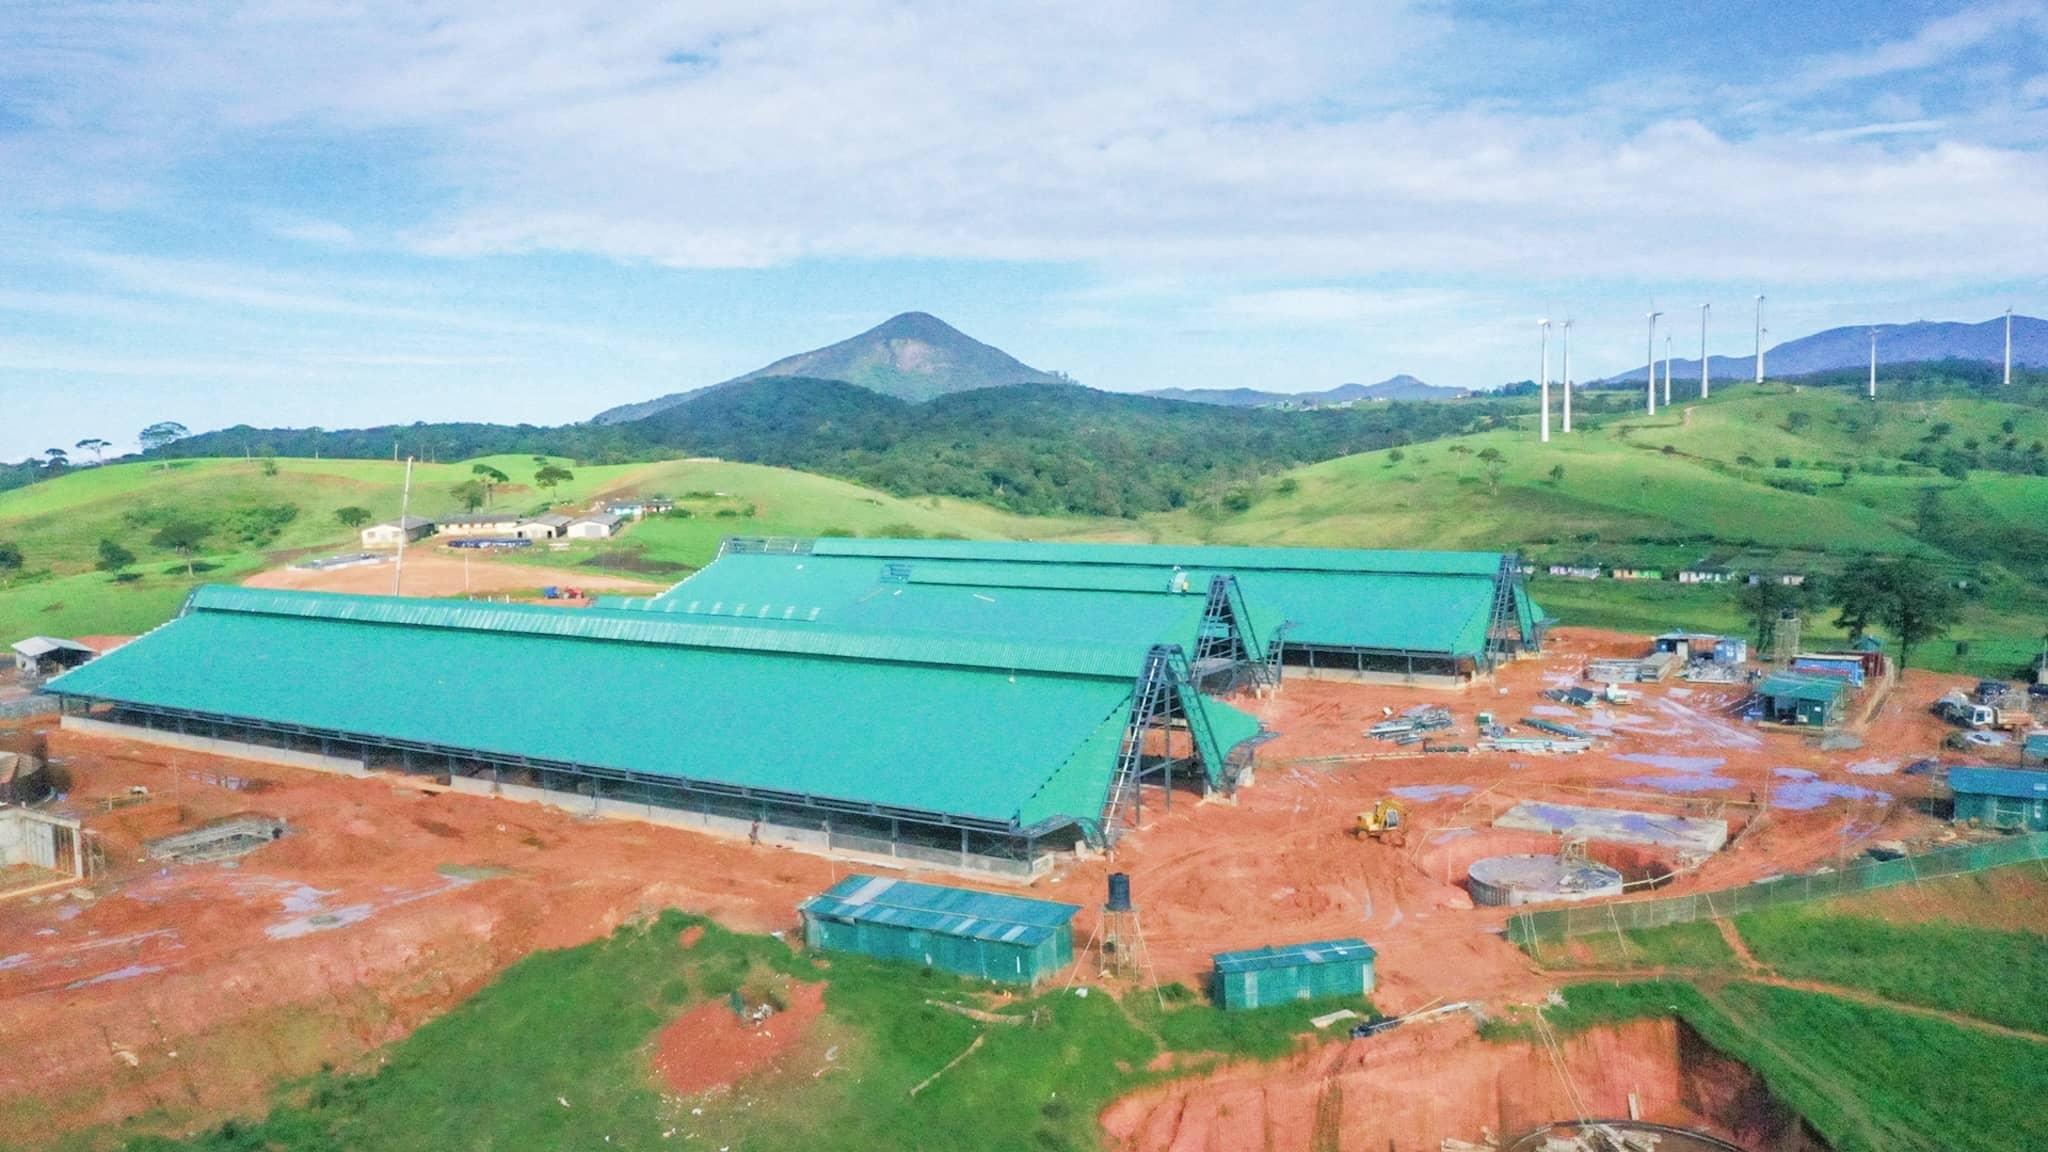 Dairy Farm Facility, Ambewela